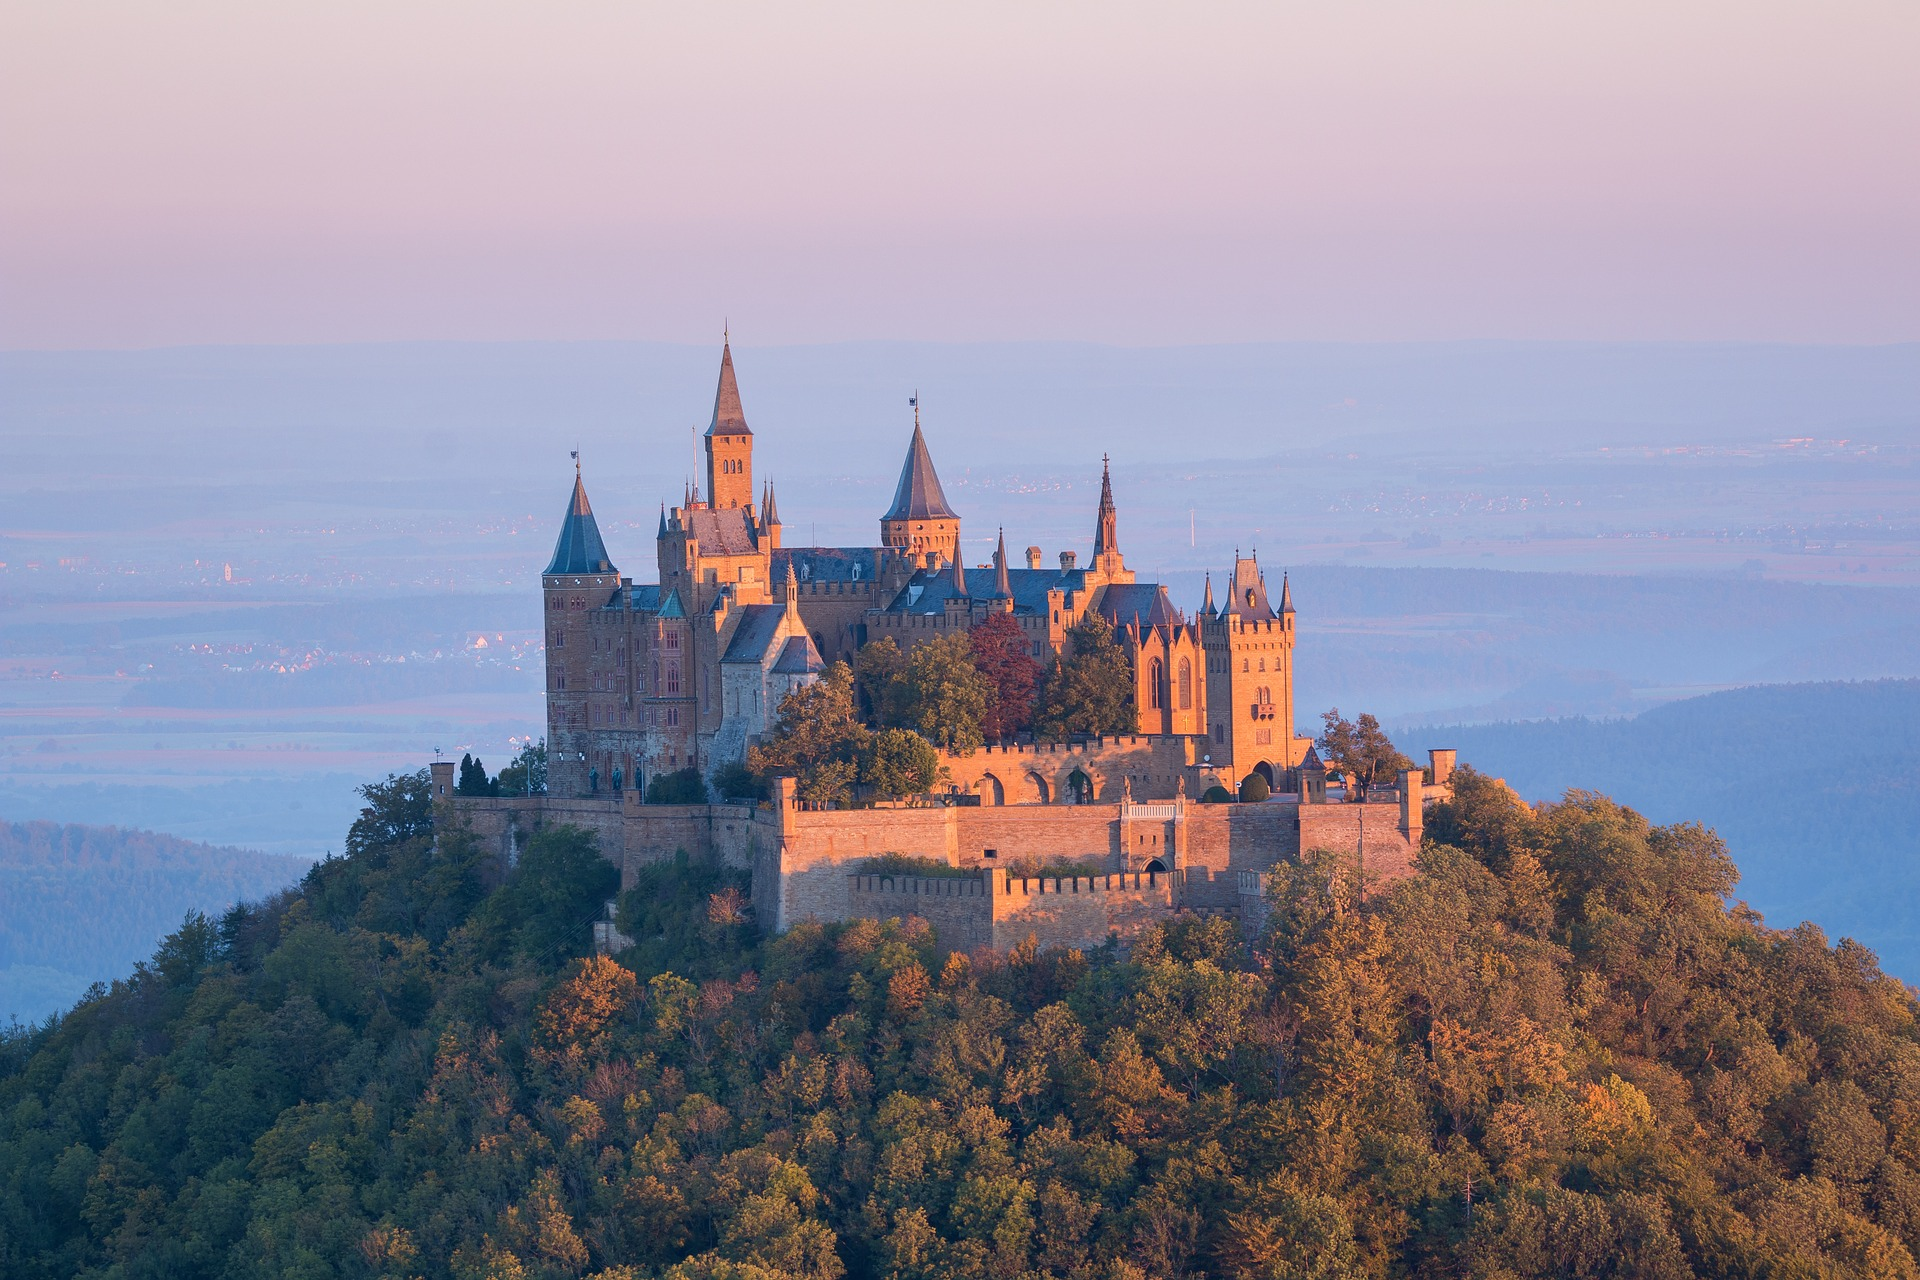 Ausflugsziele wie die Burg Hohenzollern sind unser Insidertipp